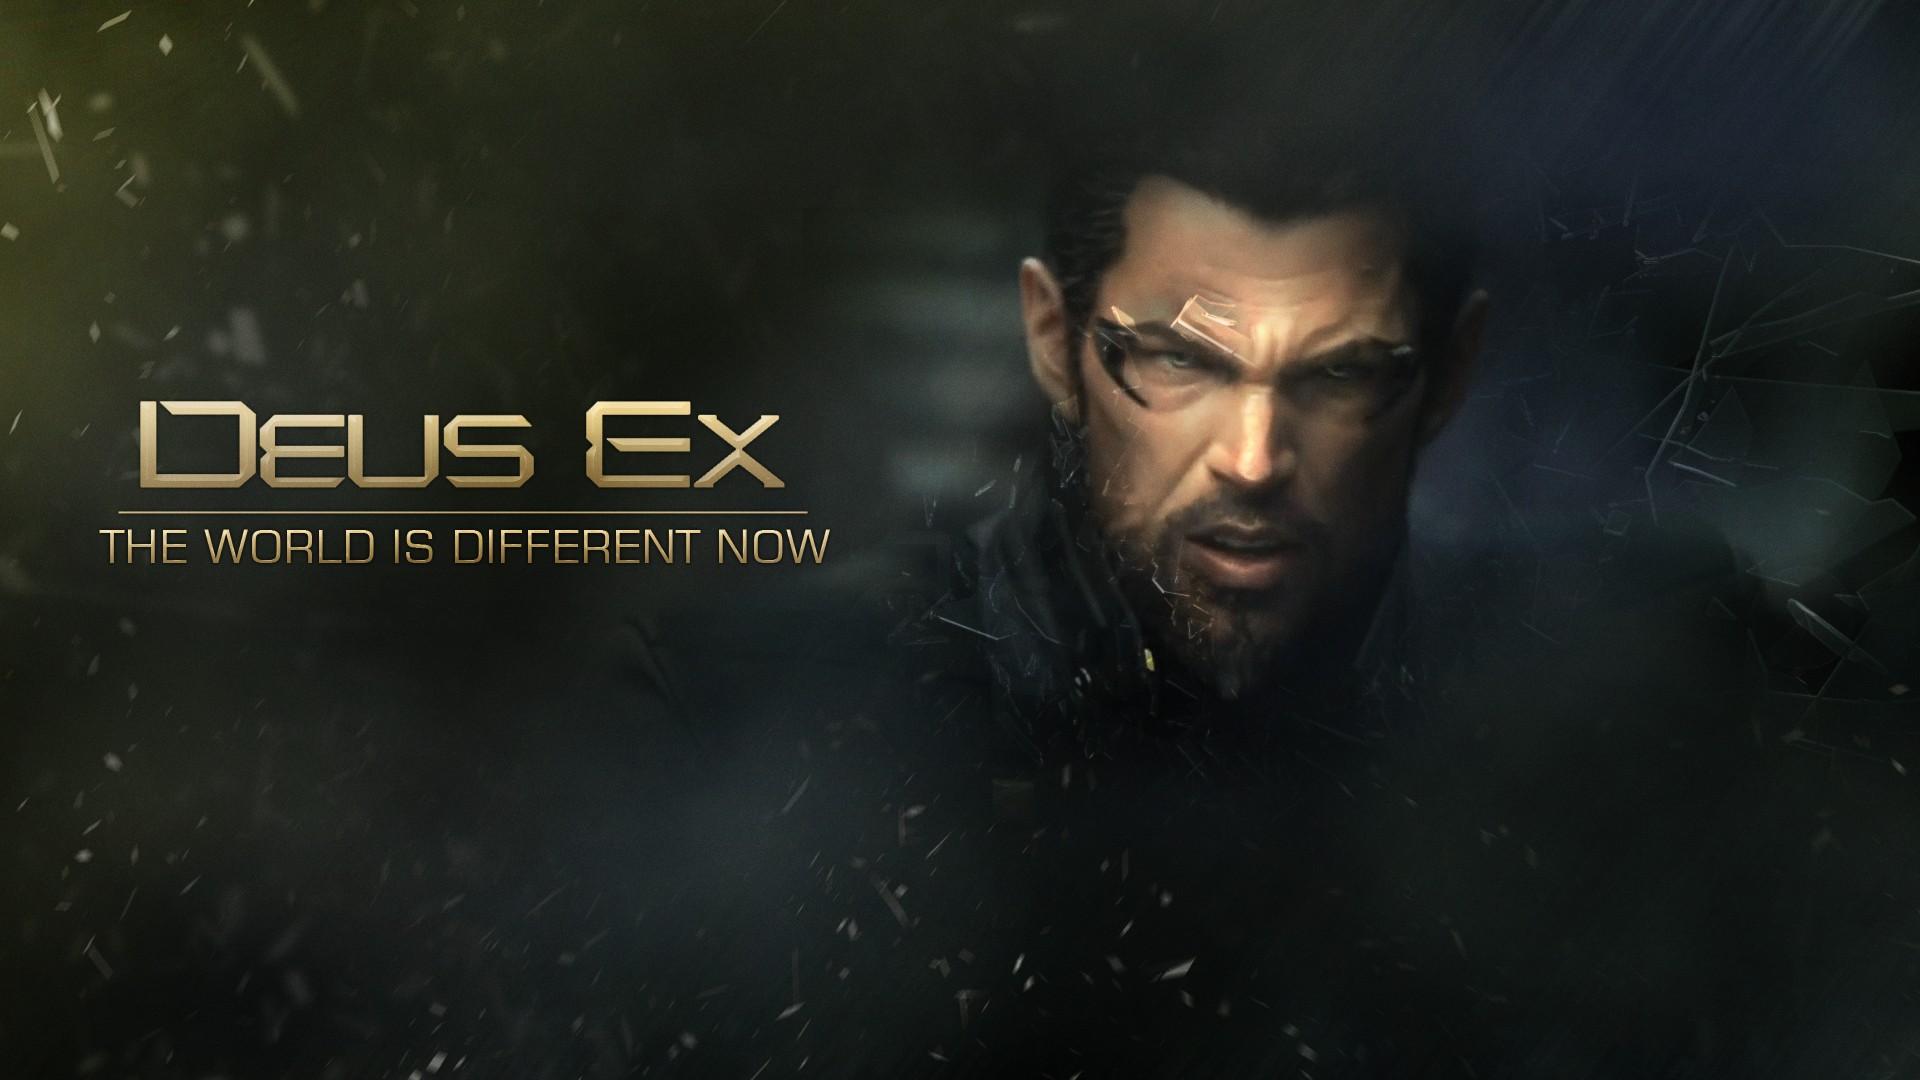 Deus Ex Mankind Divided Wallpaper: Deus Ex Mankind Divided Wallpaper ·① Download Free Full HD